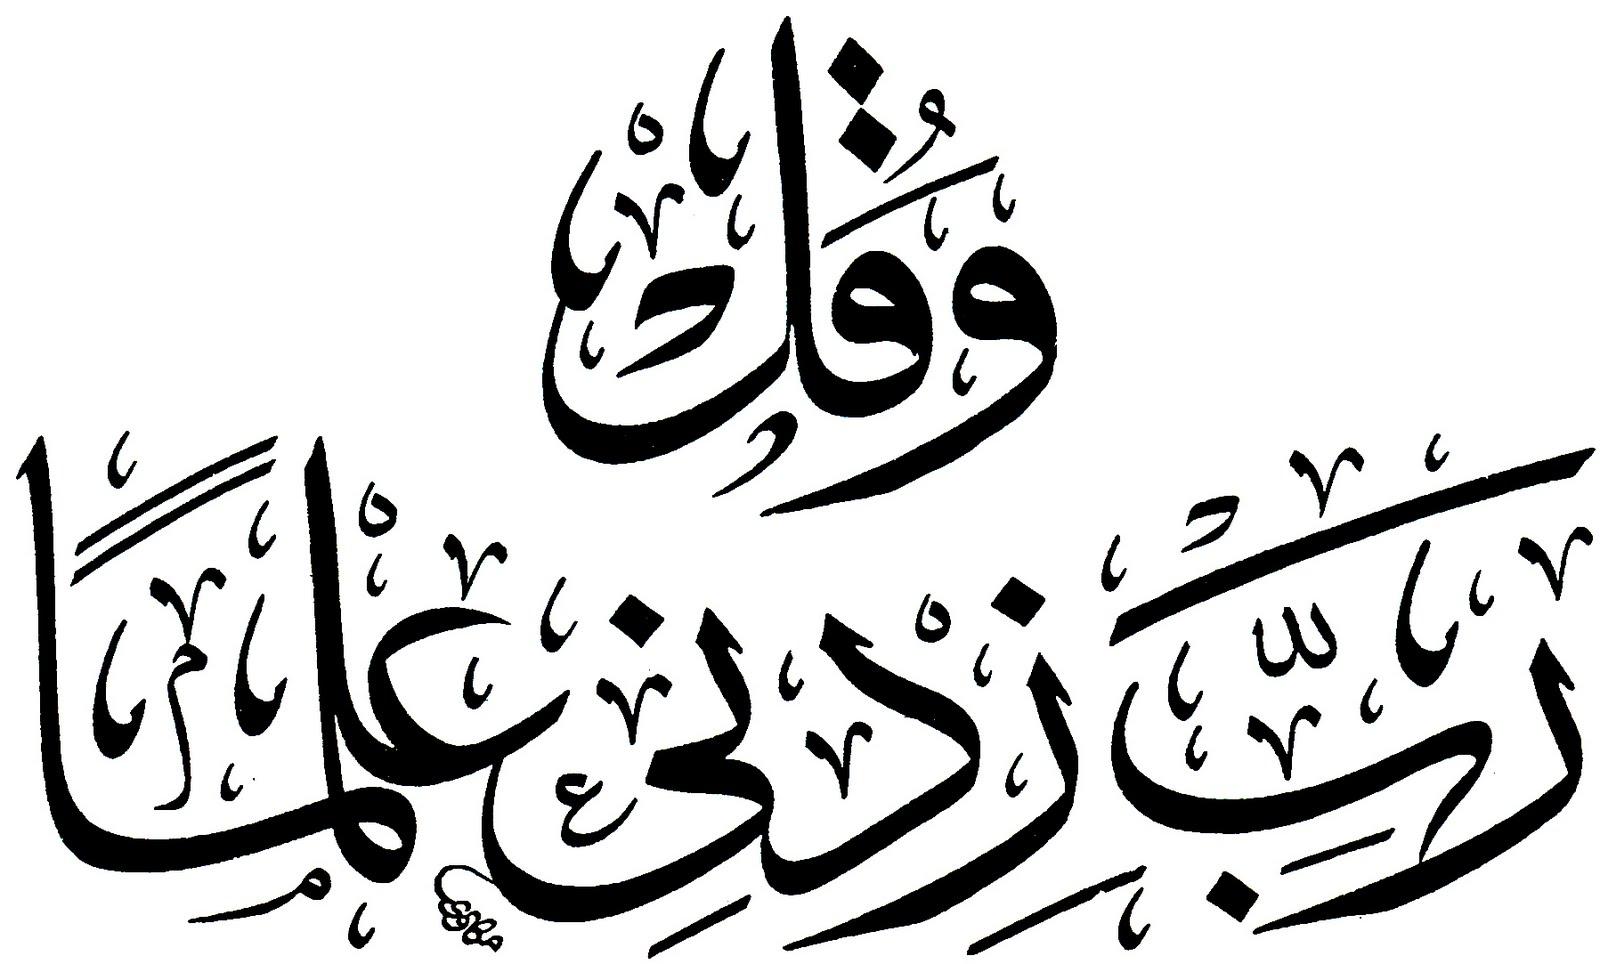 خطوط اسلامية انواع الخط العربي اجمل الصور